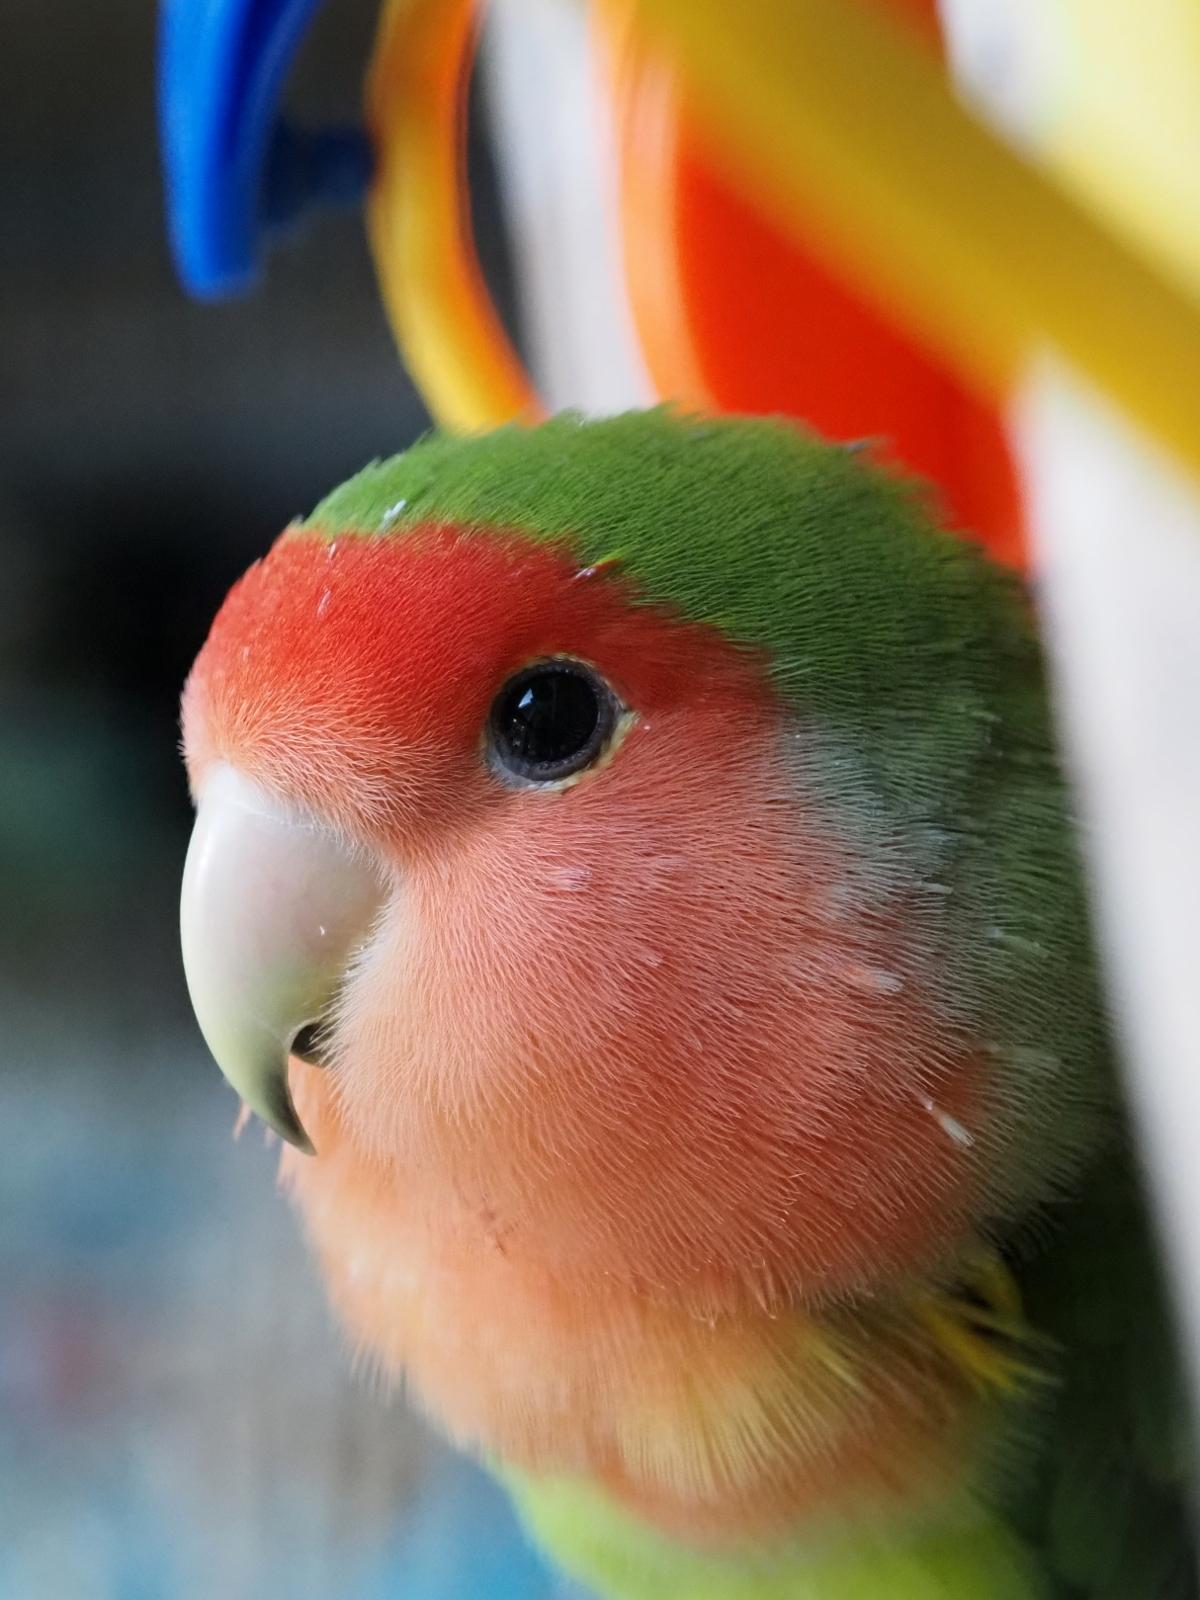 Closeup of a lovebird